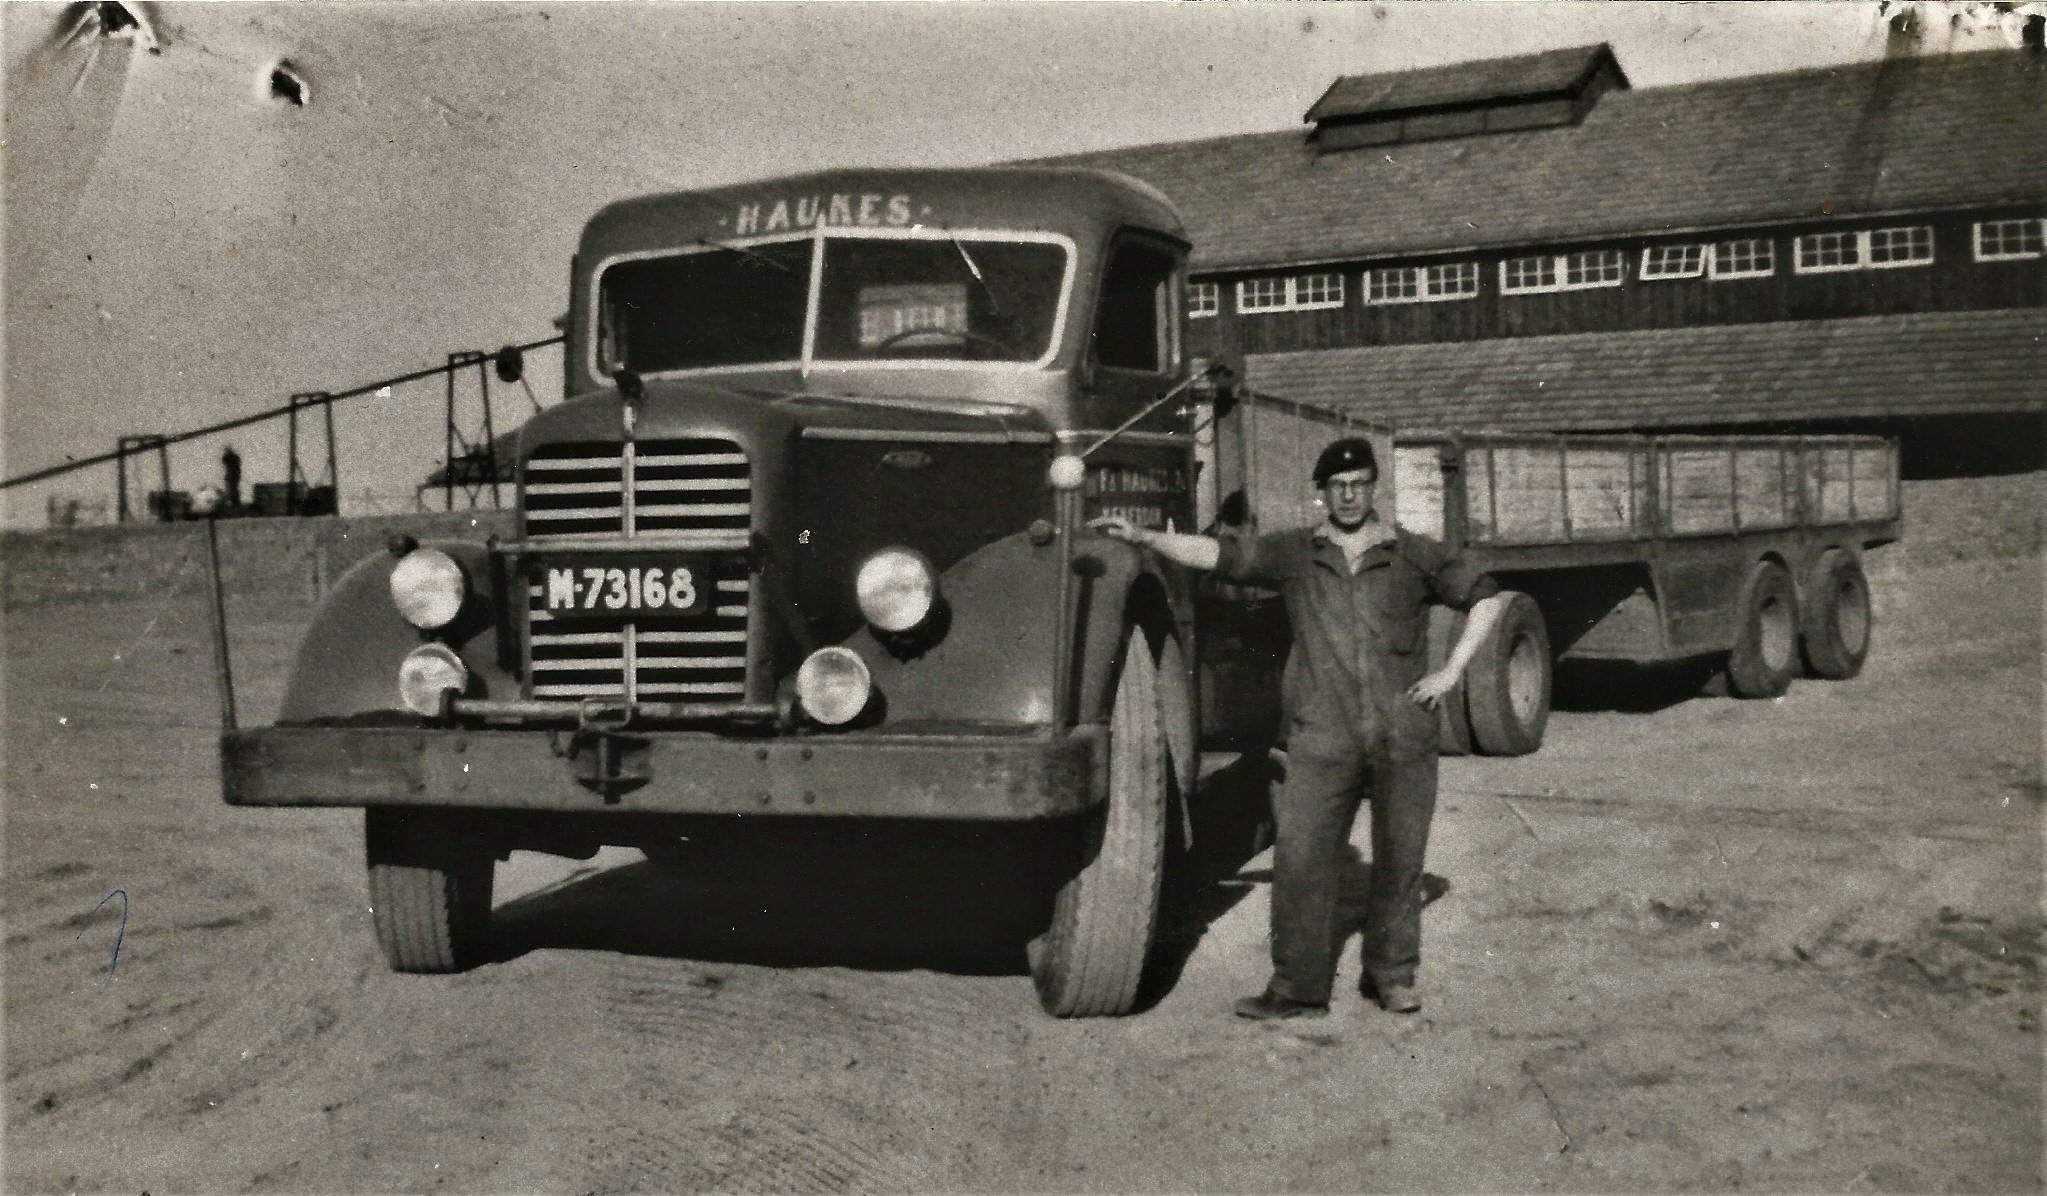 1951---Mack-NR-met-twee-extra-schijnwerpers-voor-op-de-bumper-chauffeur-Gertje-Koenders-